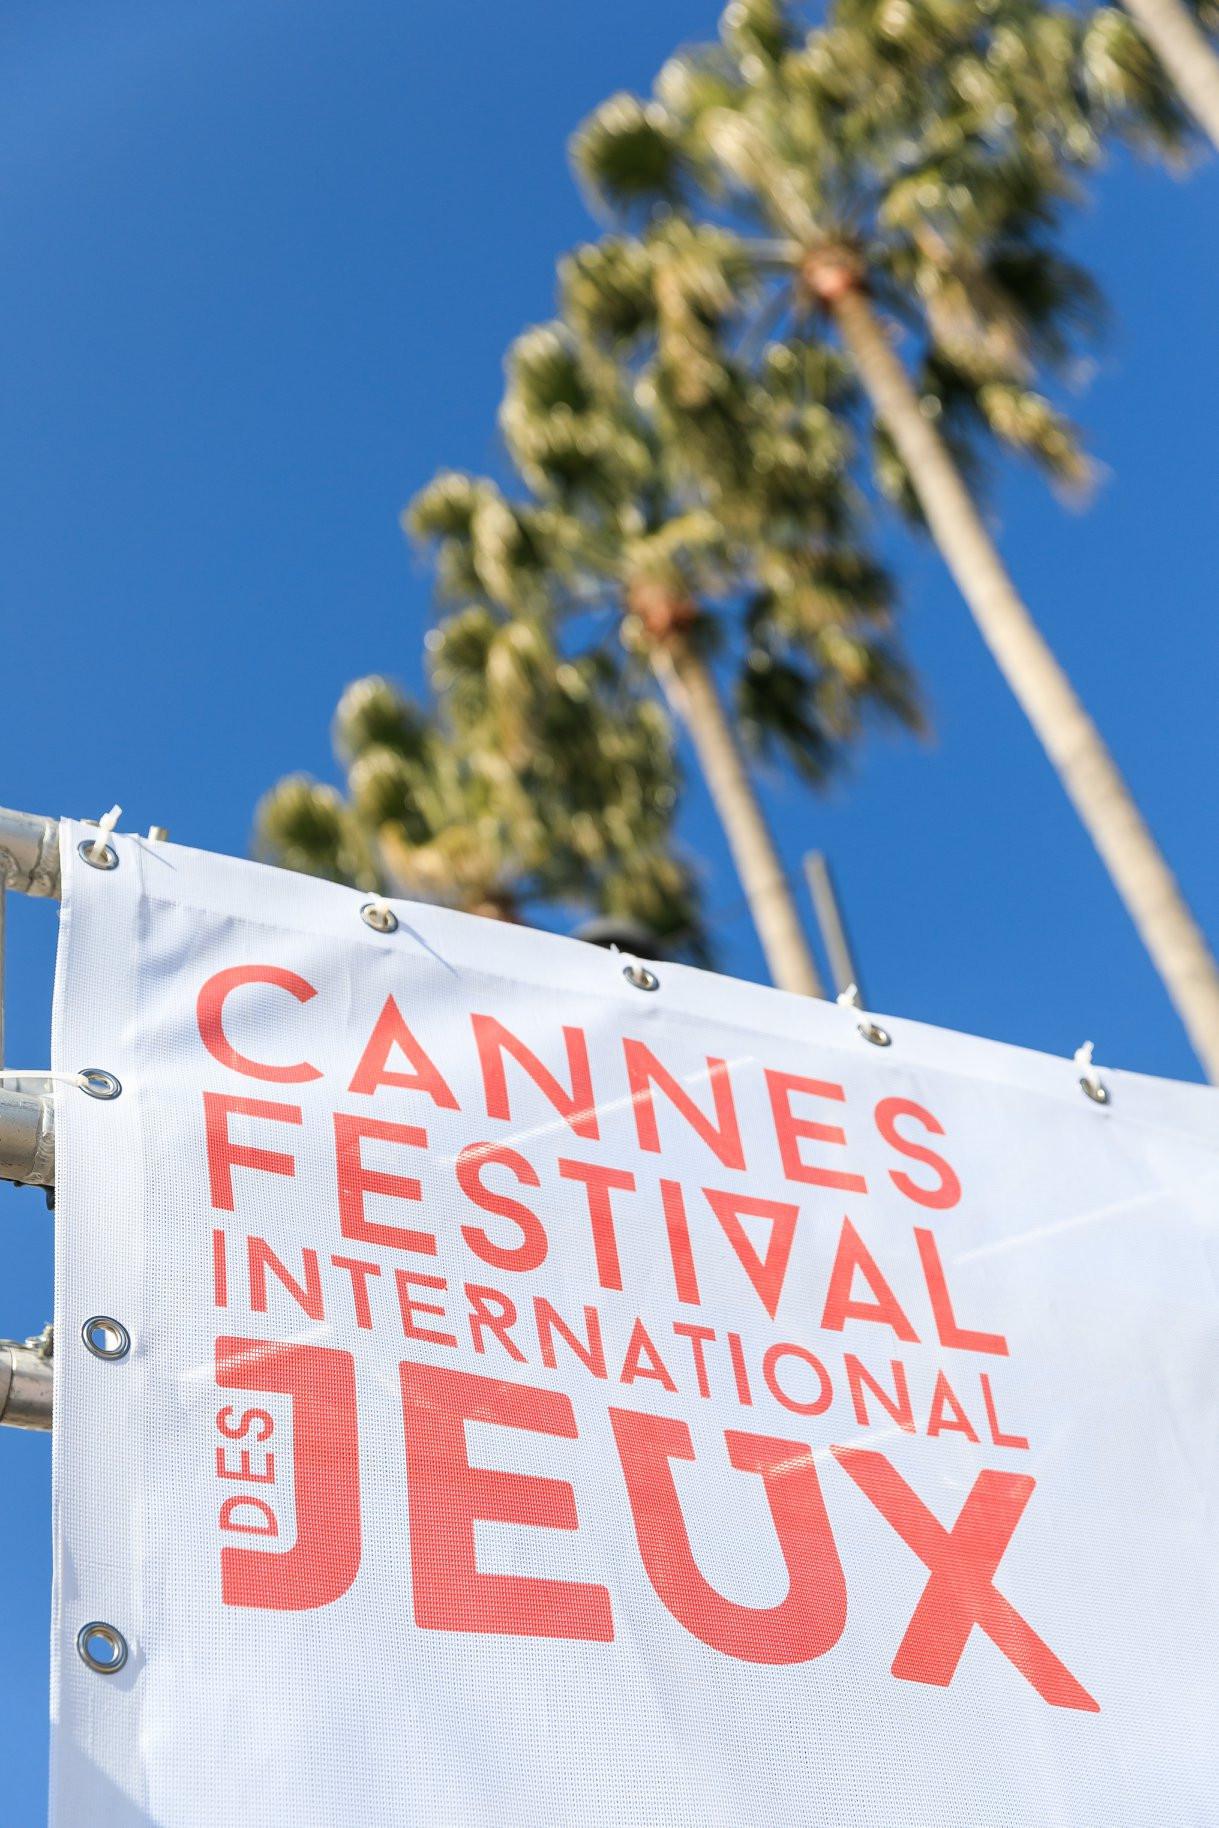 Festival des Jeux Cannes - As d ' Oro